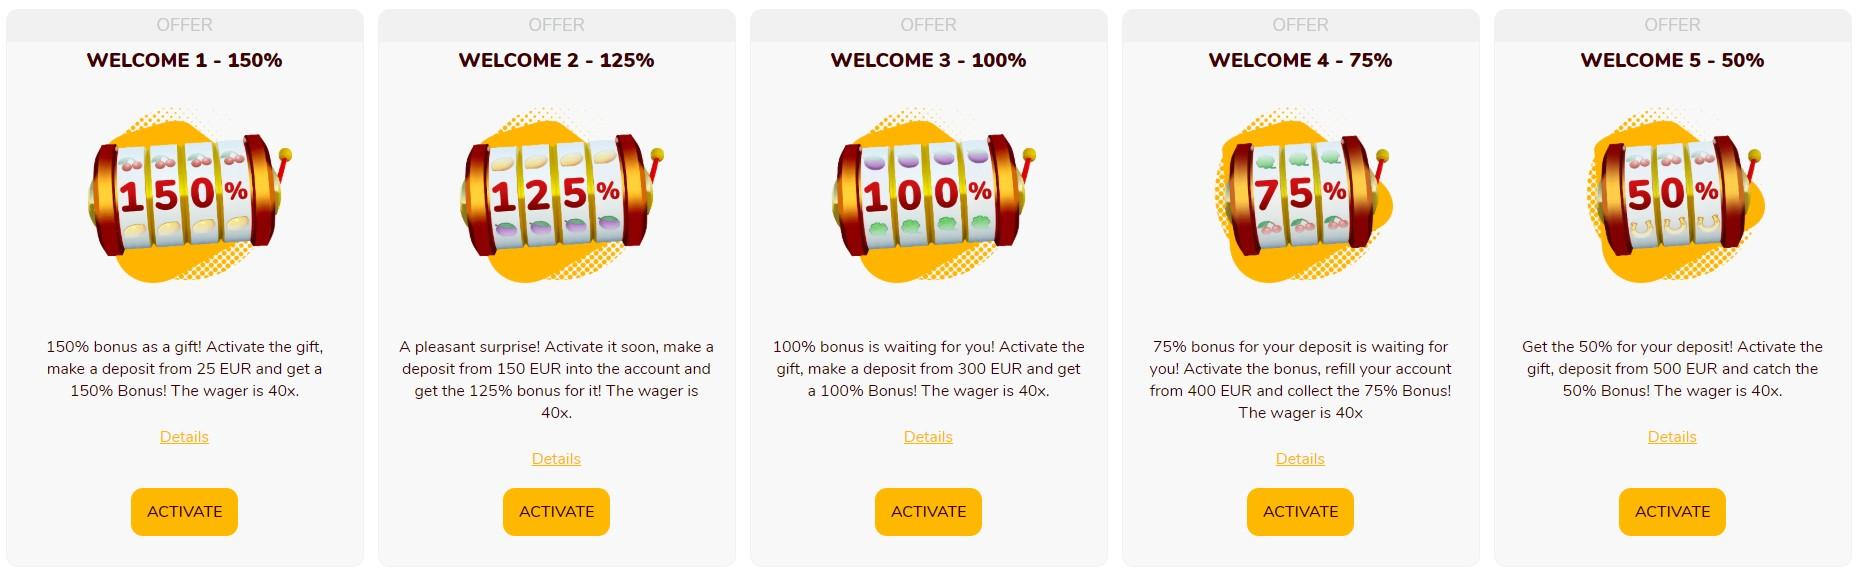 JackpotCharmCasino-bonuses